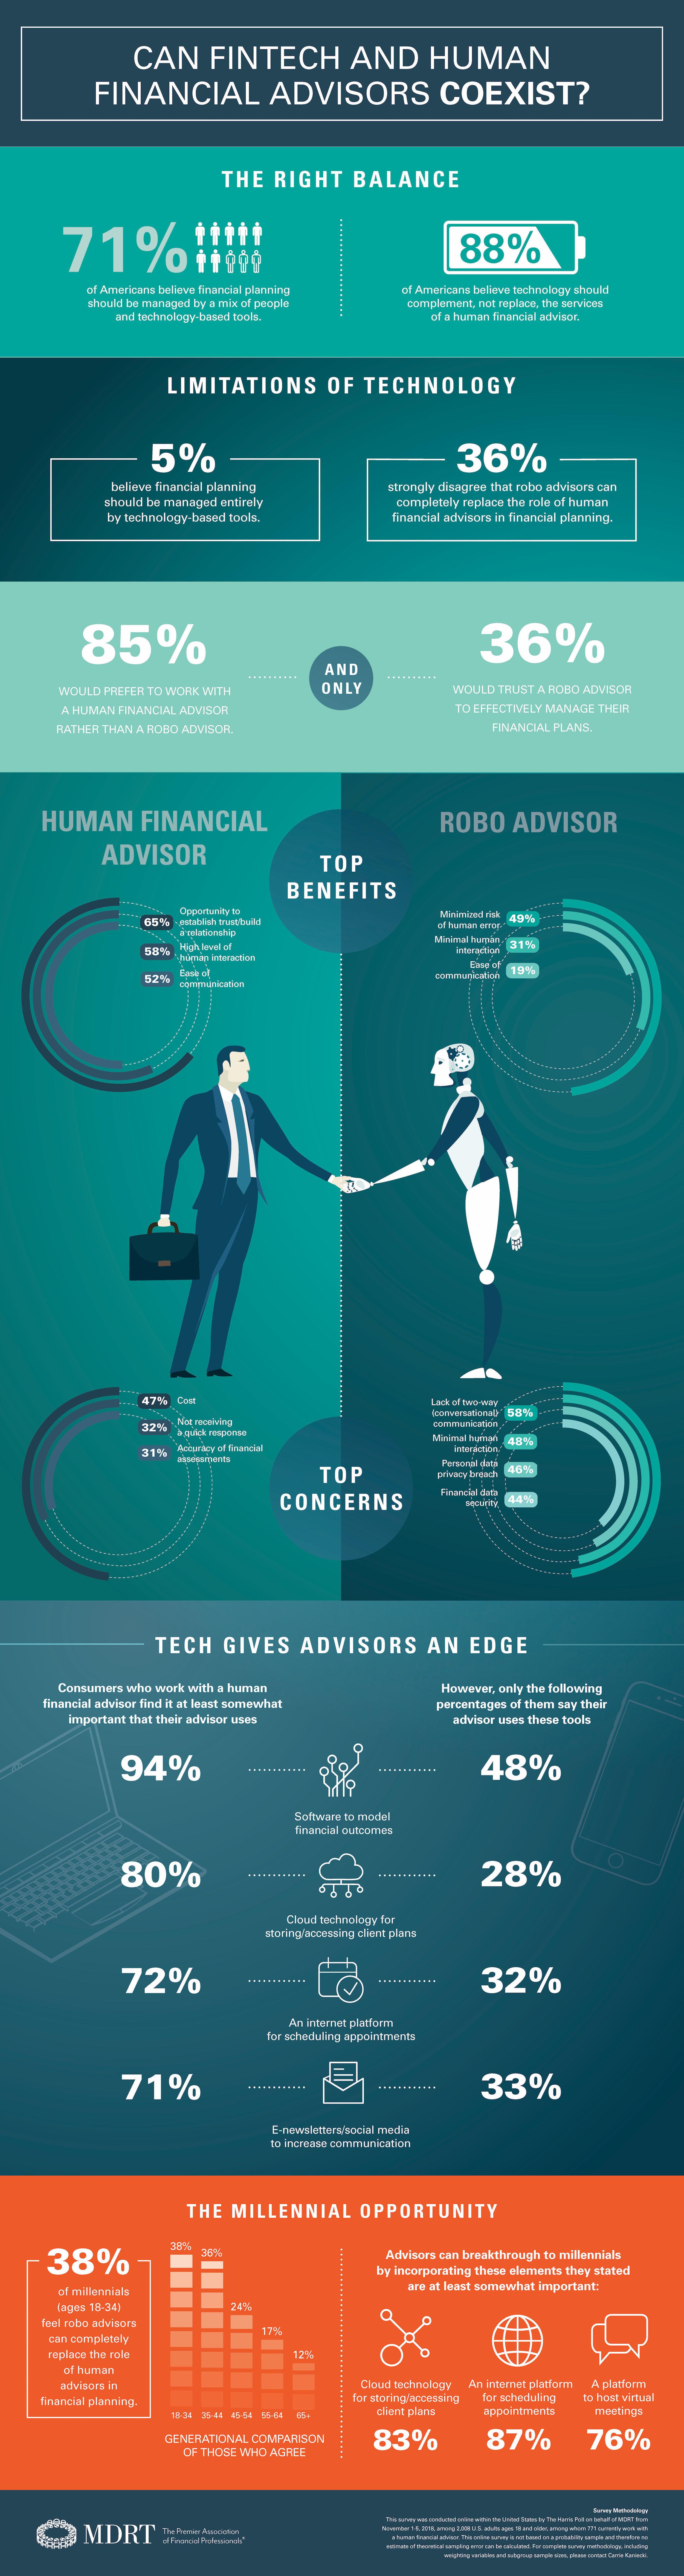 MDRT FinTech Infographic